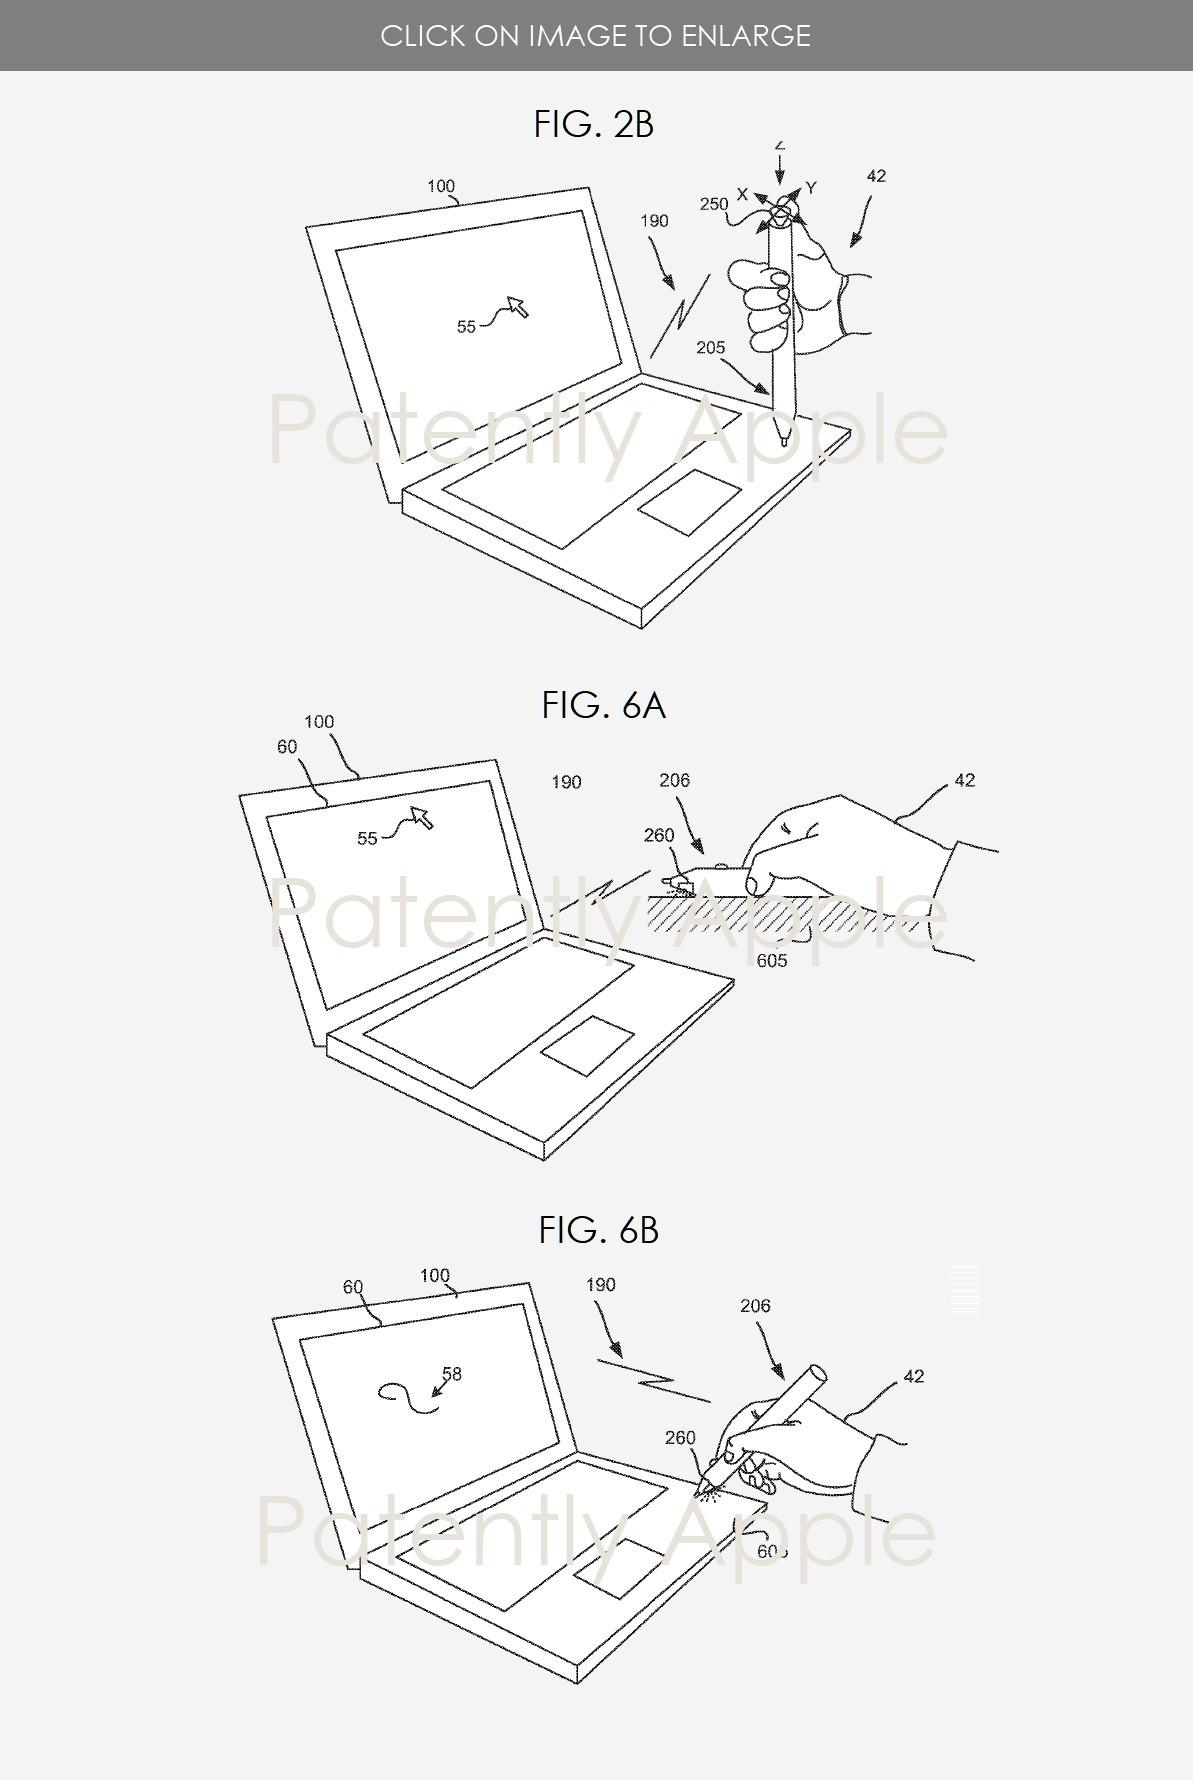 Πώς η Microsoft θα μπορούσε να κάνει το κλασικό ποντίκι περιττό για το επόμενο Surface Pro  How-mi10